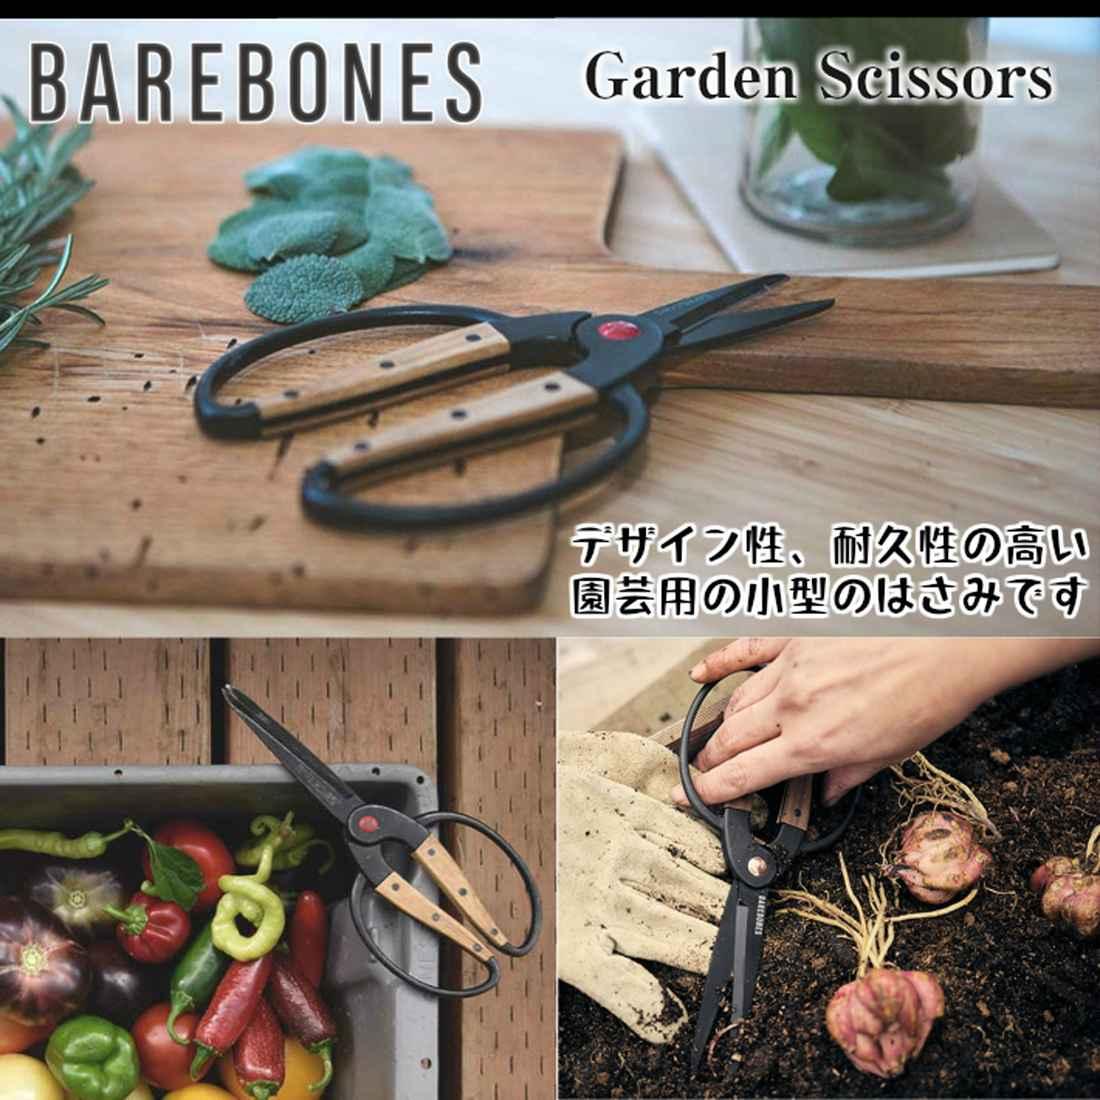 ベアボーンズ リビング ガーデン シザーズ L 園芸用はさみ  国内正規品